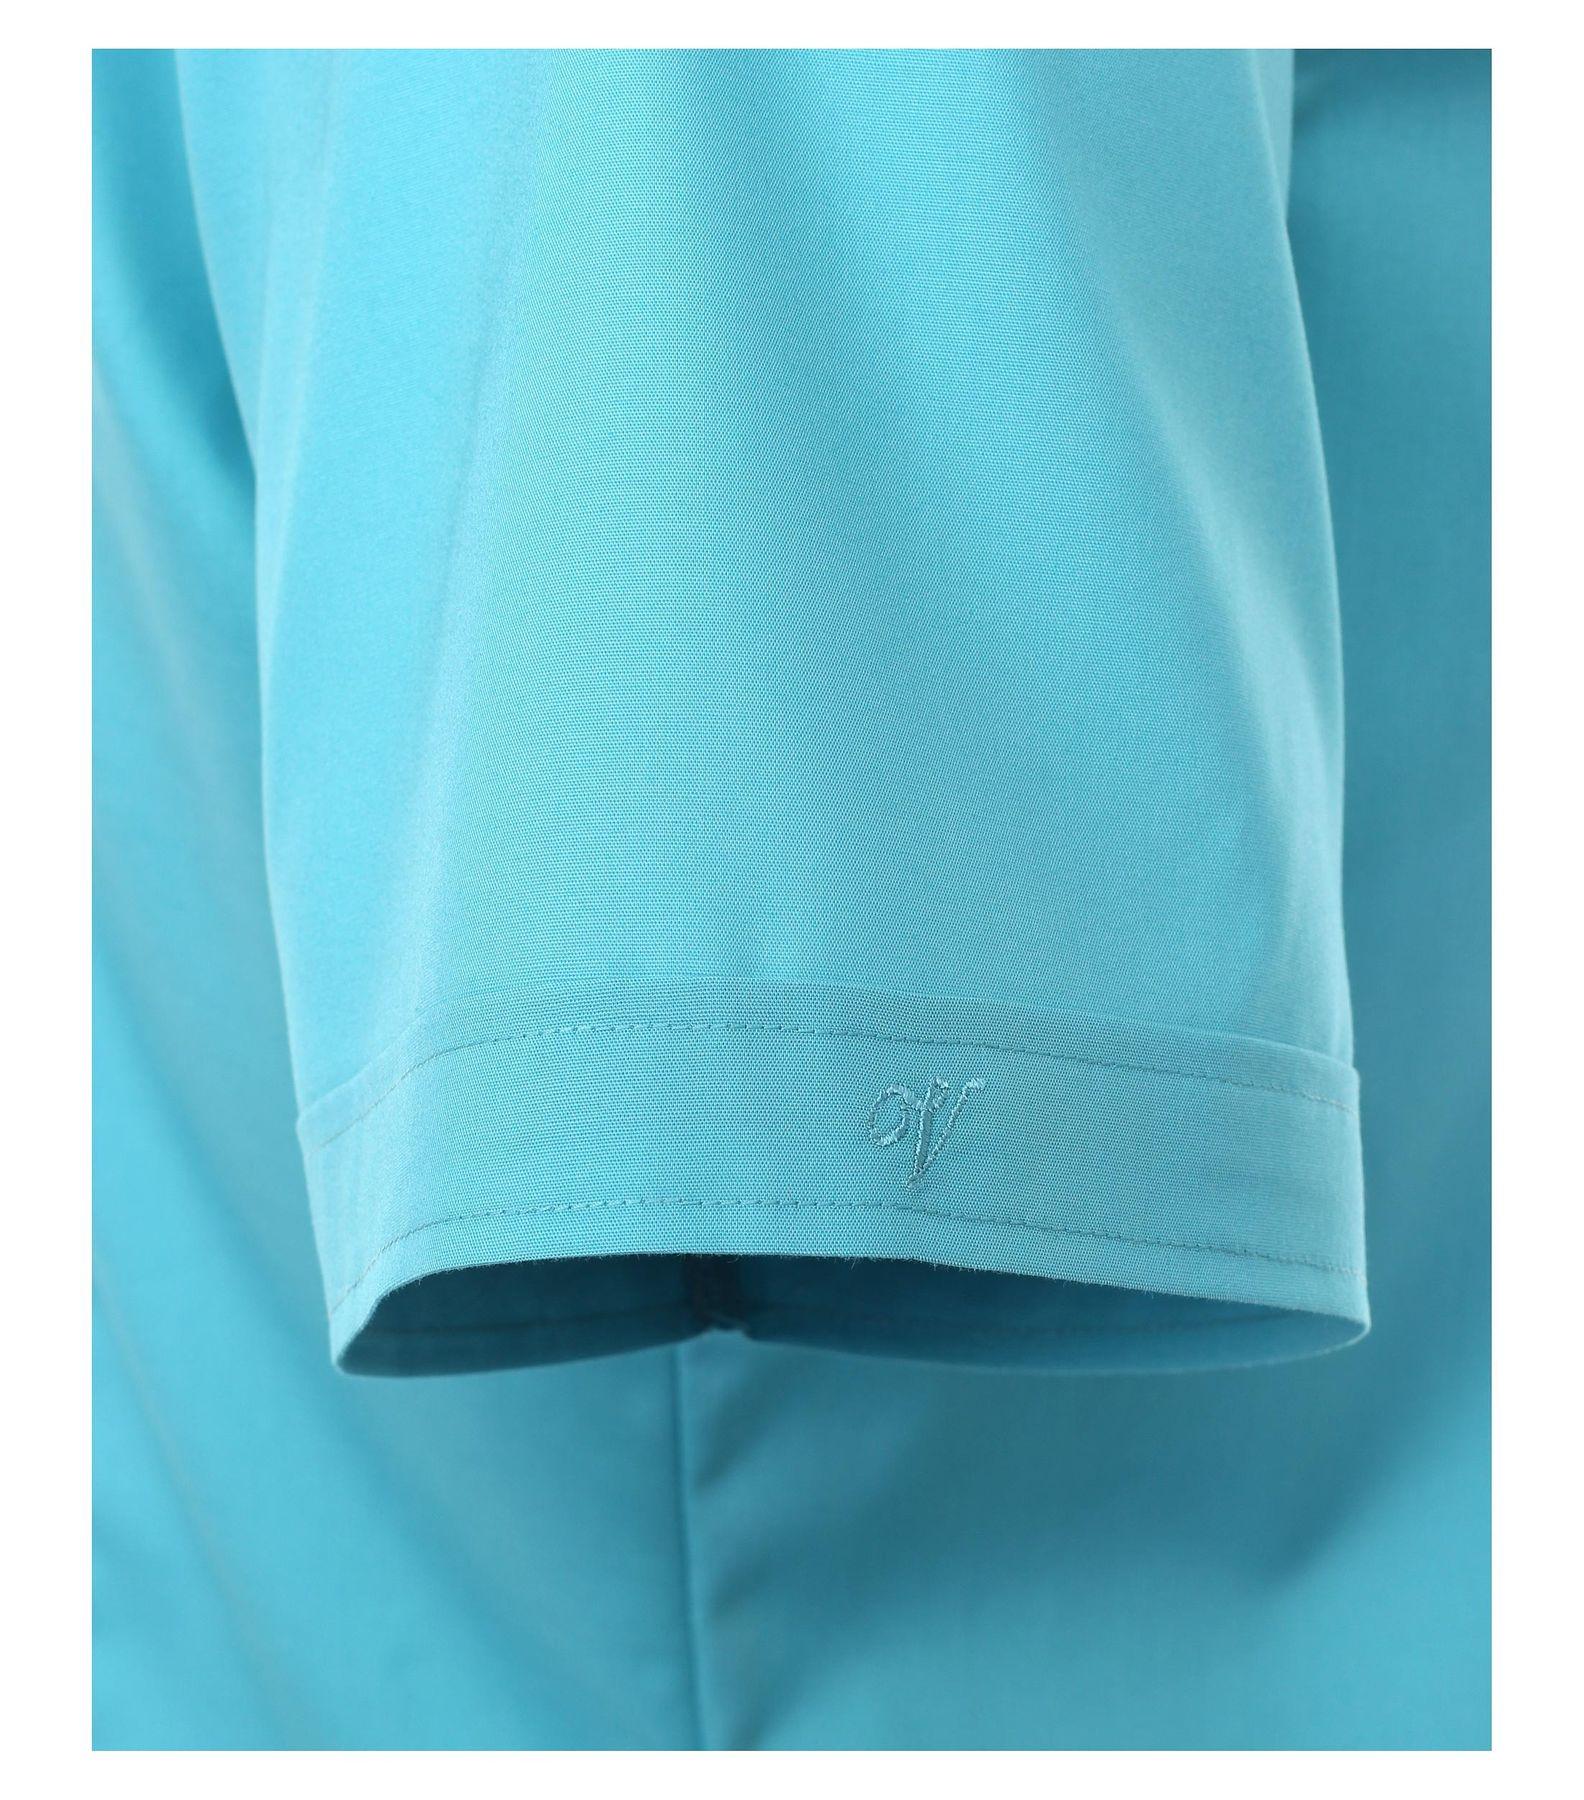 Venti - Body Stretch/ Super Slim Fit - Bügelfreies Herren Kurzarm Hemd in verschiedenen Farben (001670 A)  – Bild 3